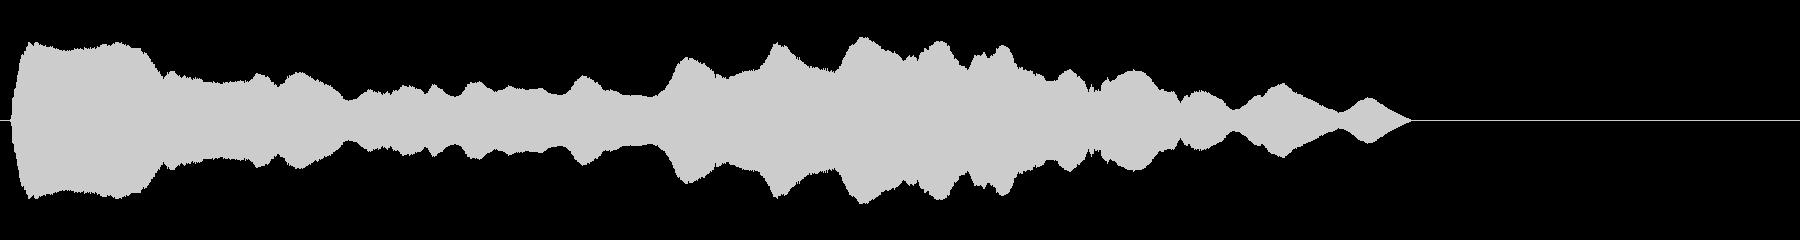 トロンボーン:WAVERING W...の未再生の波形